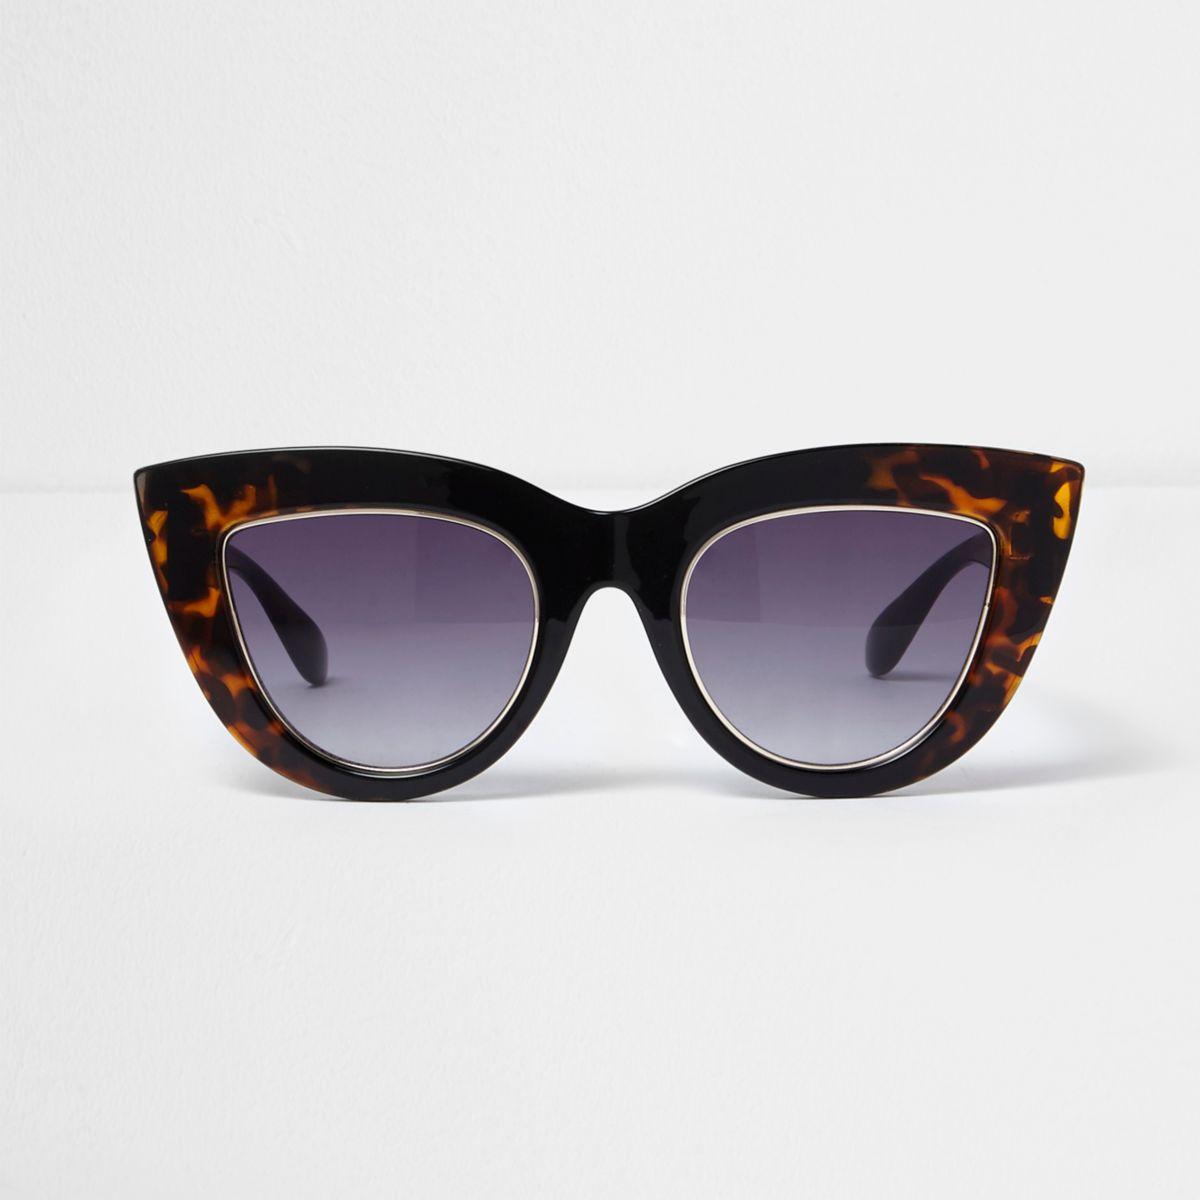 Black tortoiseshell smoke cat eye sunglasses